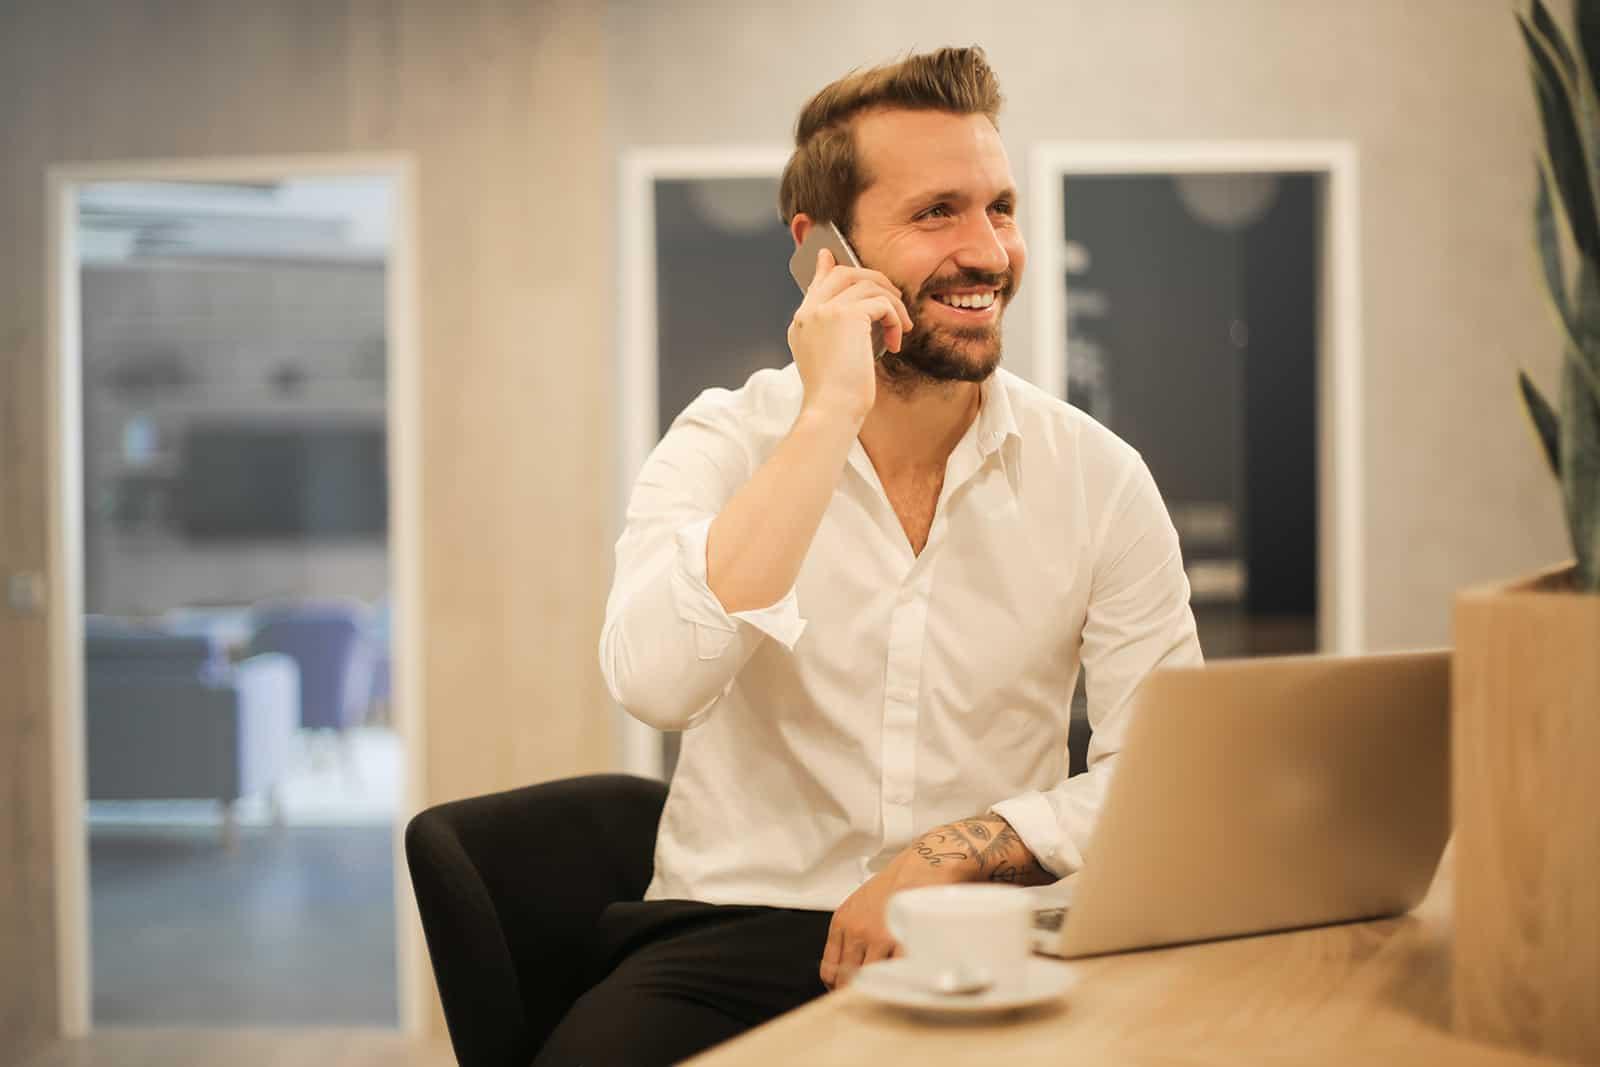 homme souriant, parler au téléphone, assis devant l'ordinateur portable